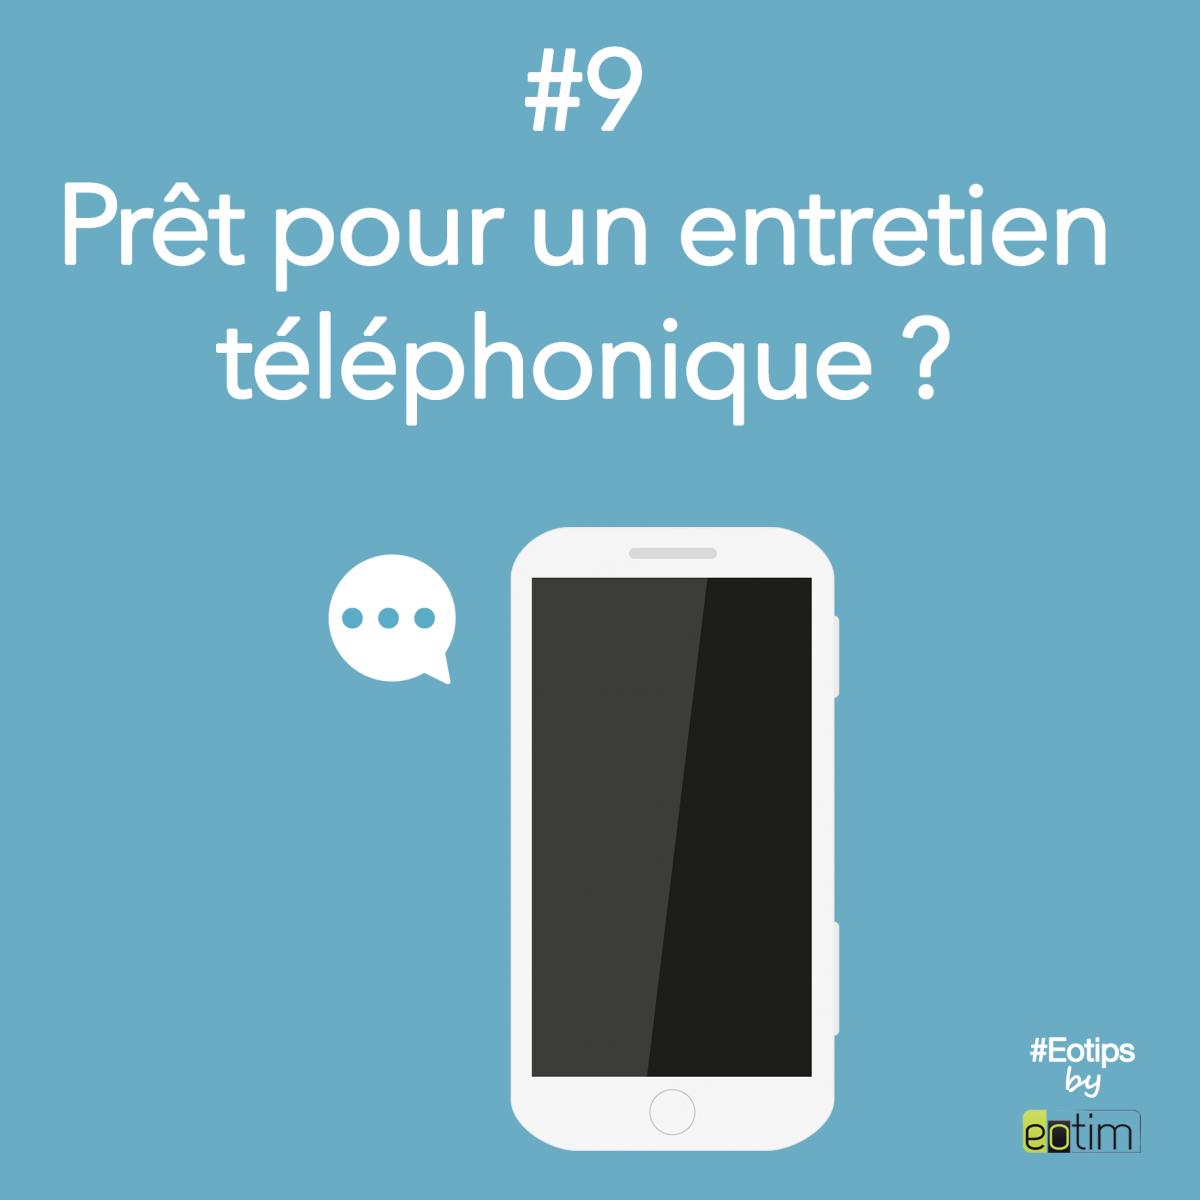 Eotips #9 : Prêt pour un entretien téléphonique ?